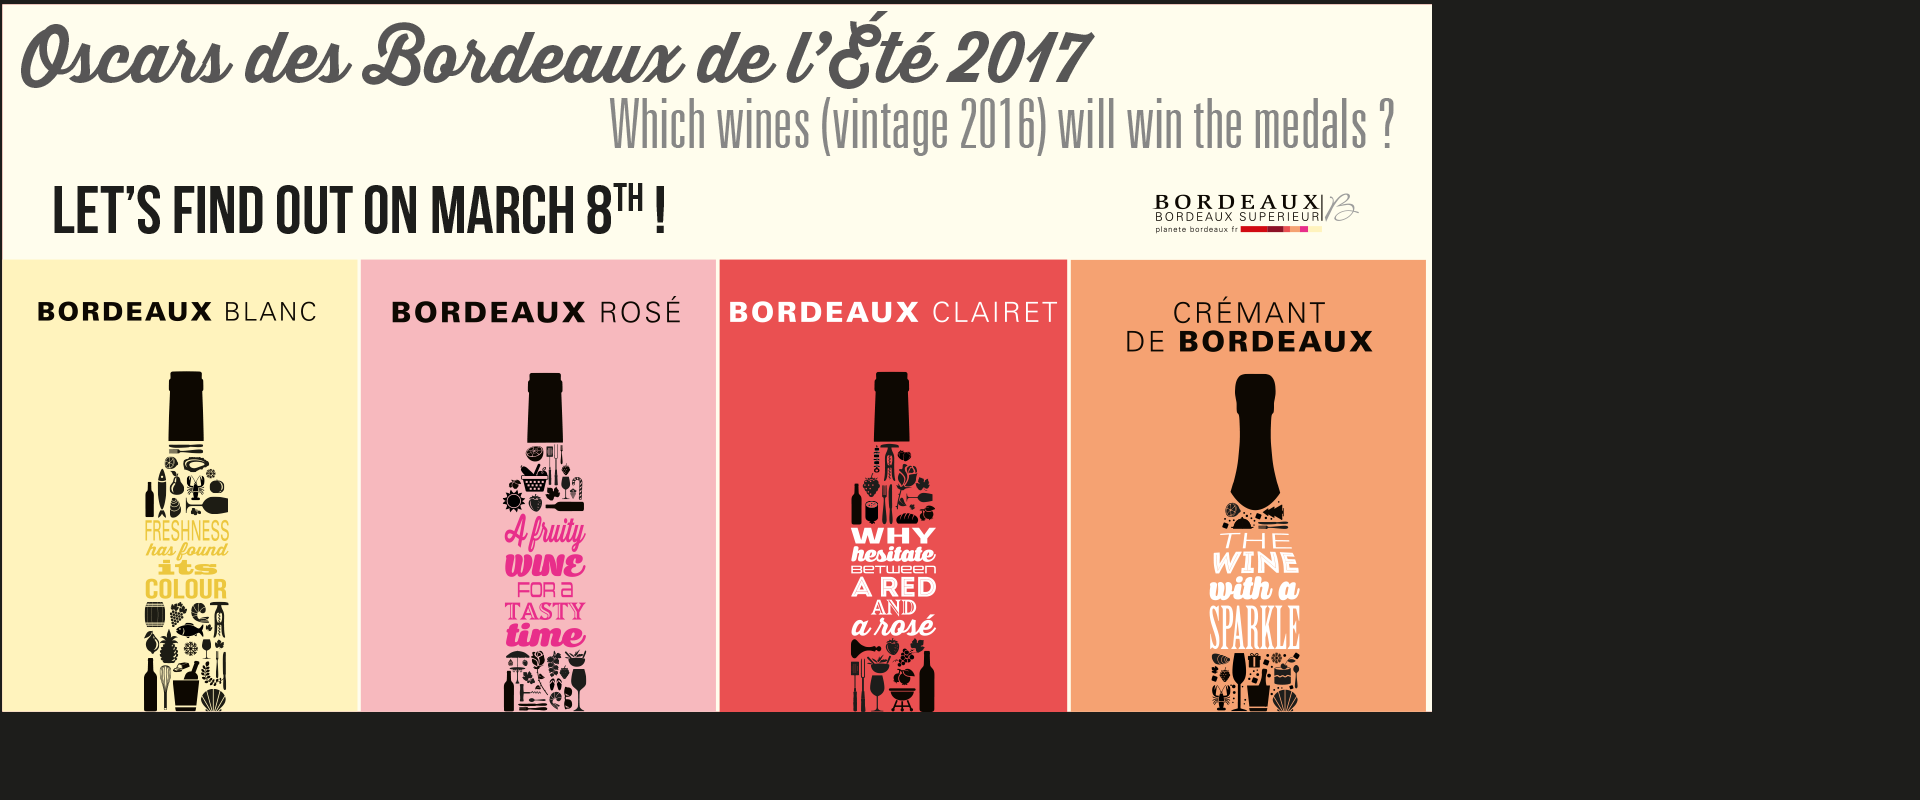 Oscars des Bordeaux de l'Eté